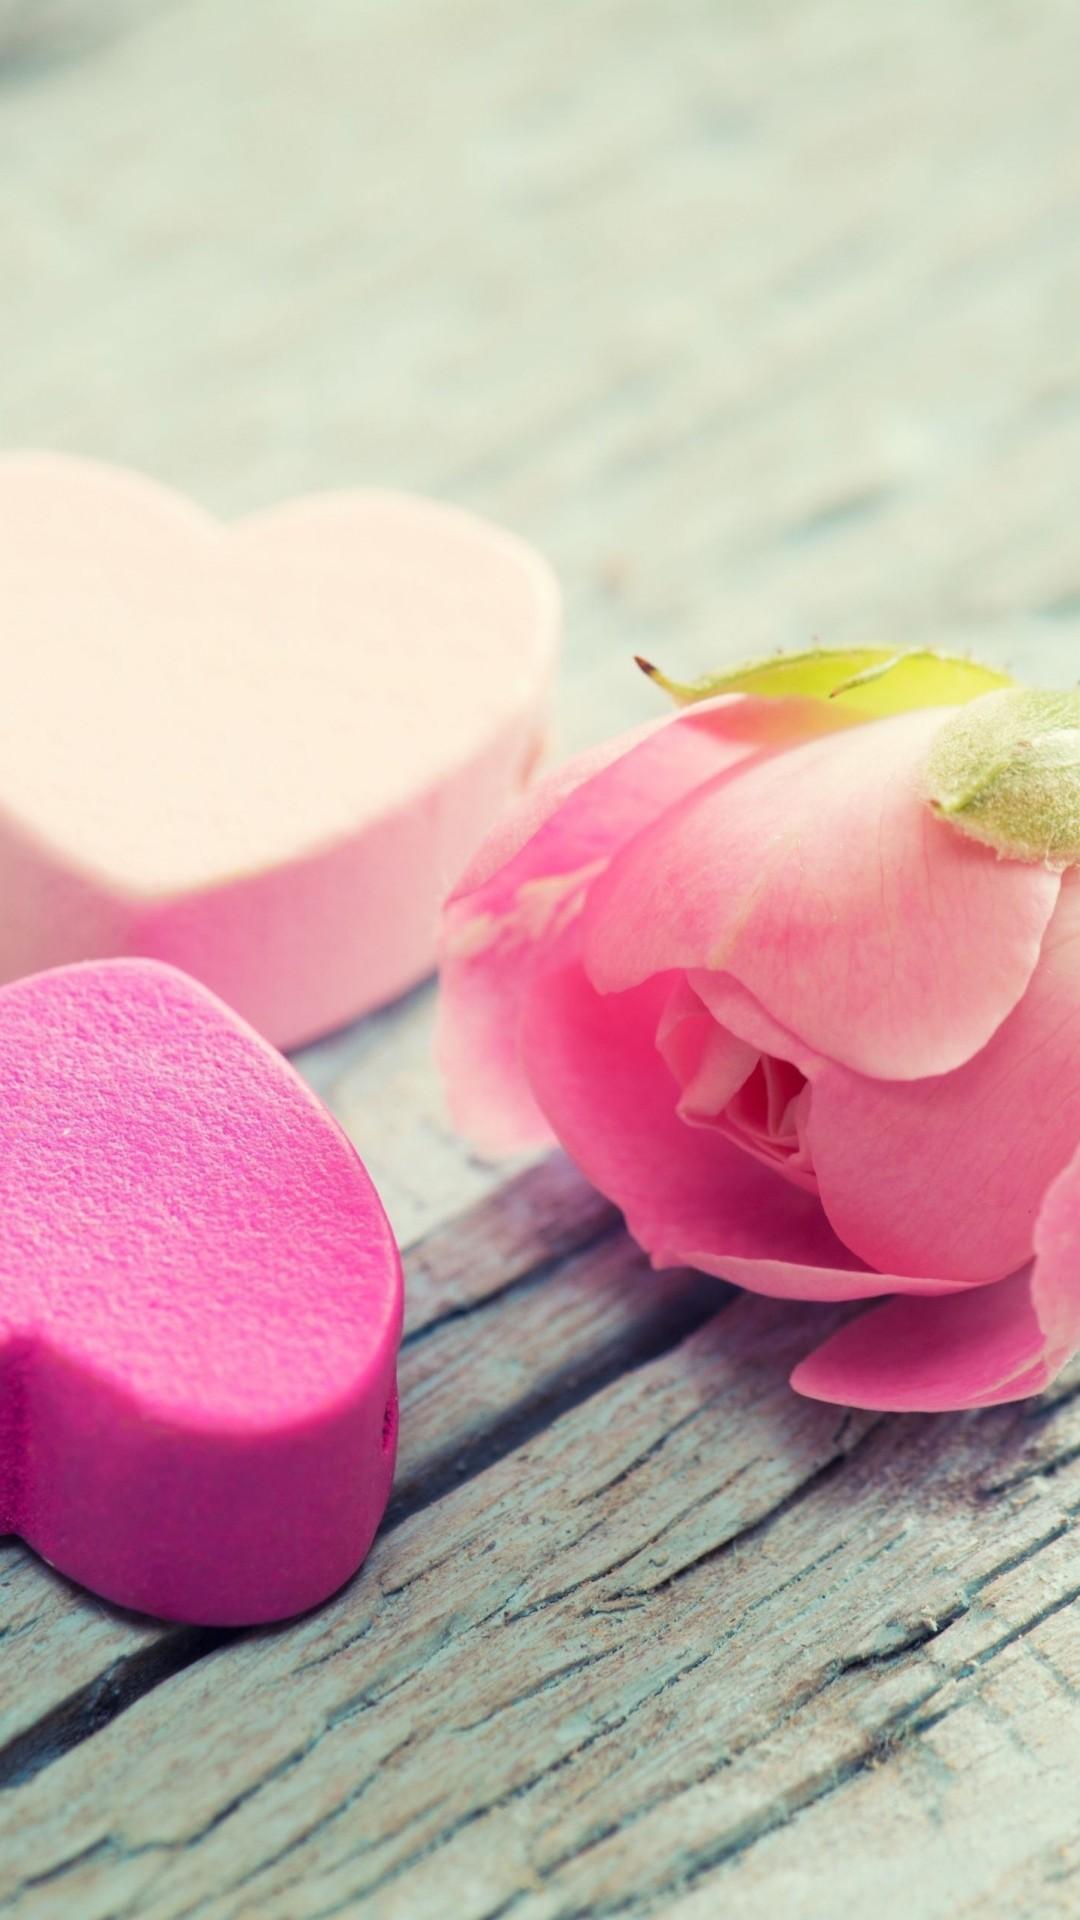 Heart Flower Tenderness Pink iPhone 6 wallpaper